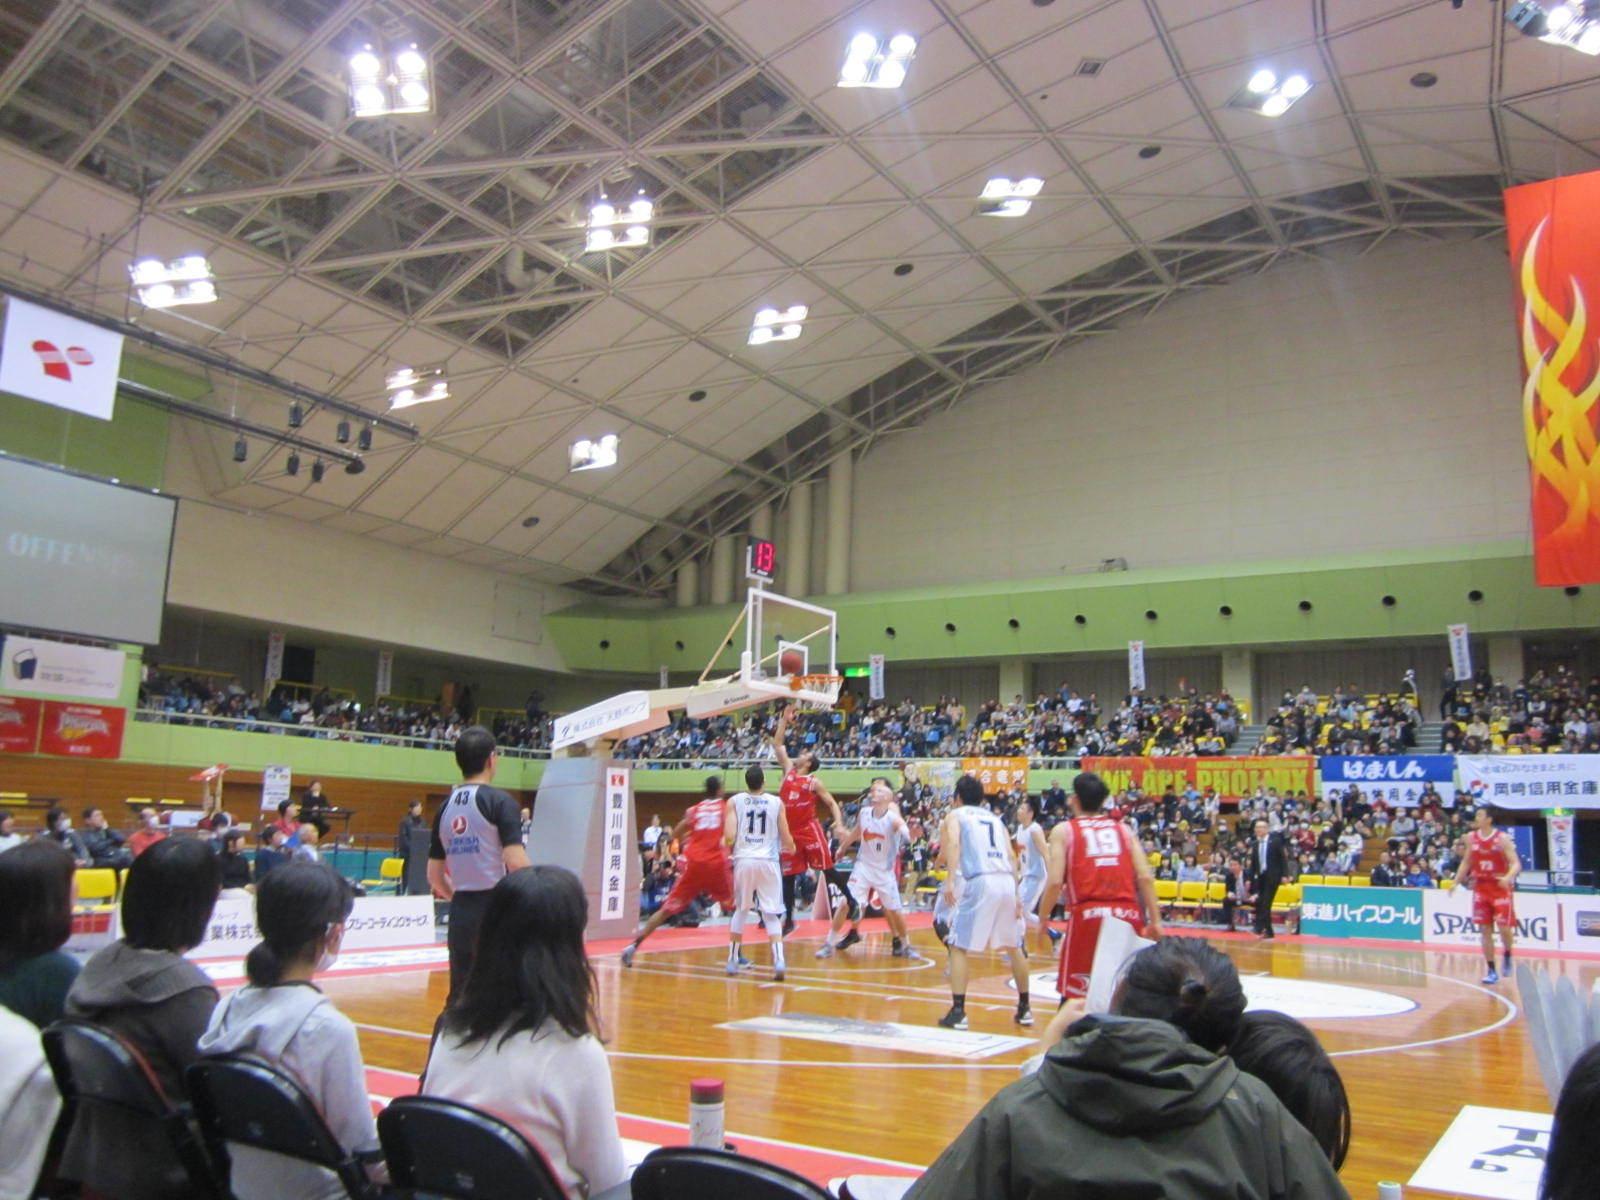 浜松・東三河フェニックス戦_c0189426_11203696.jpg